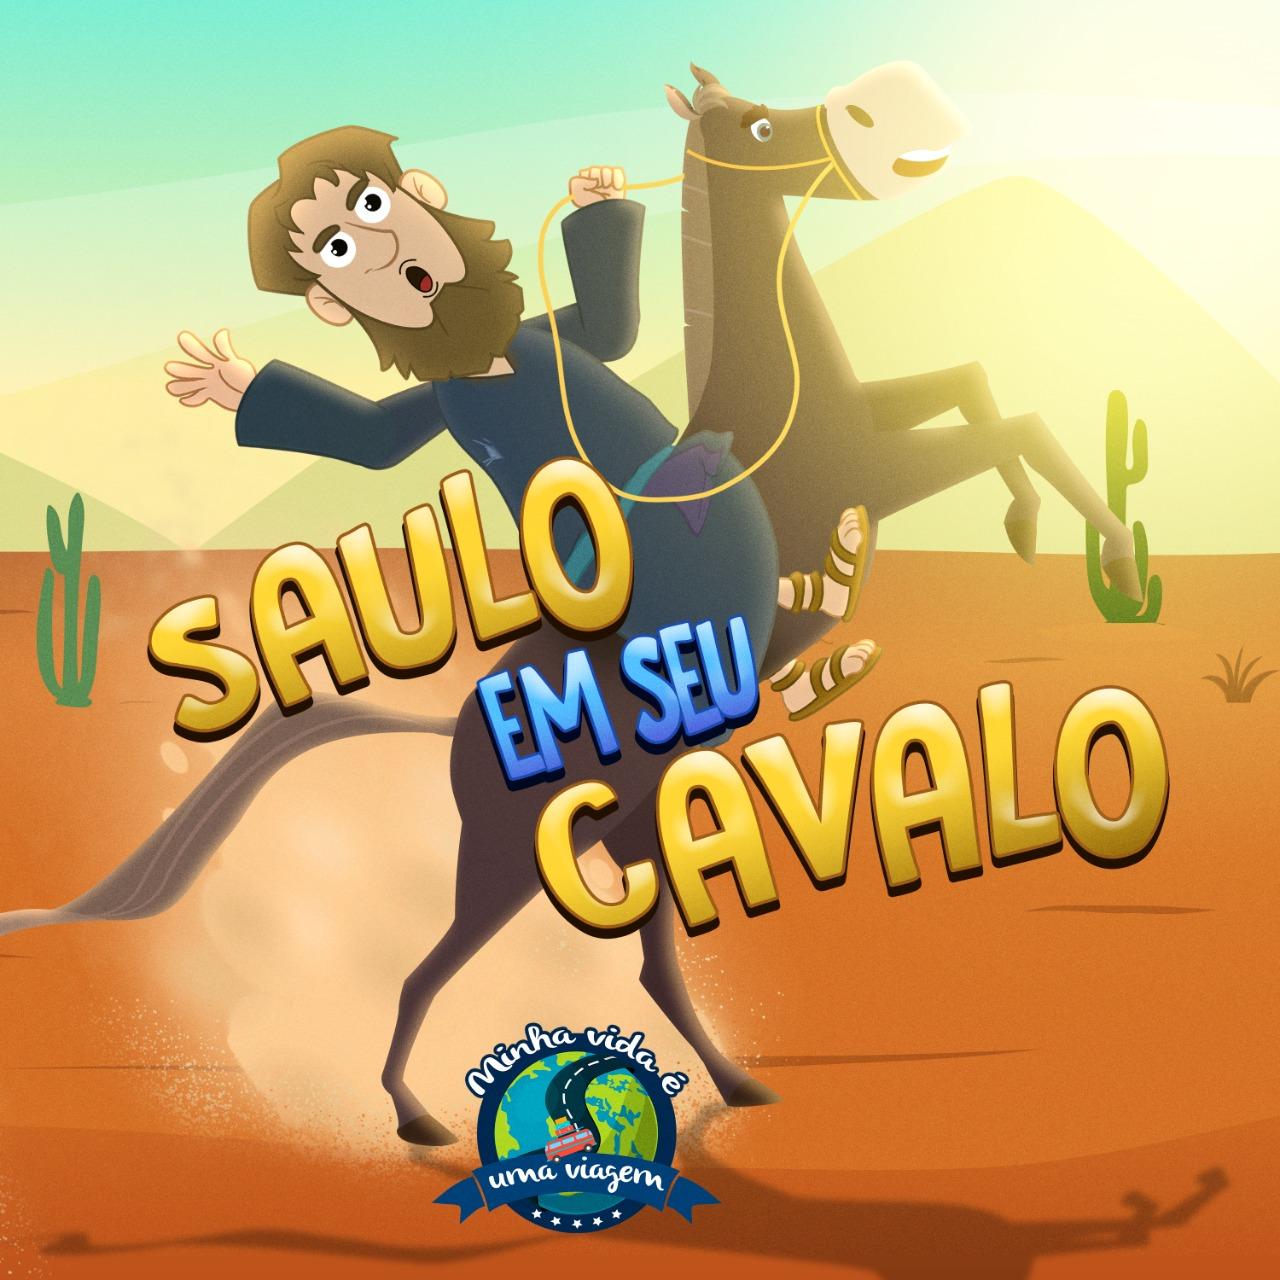 Saulo em seu cavalo